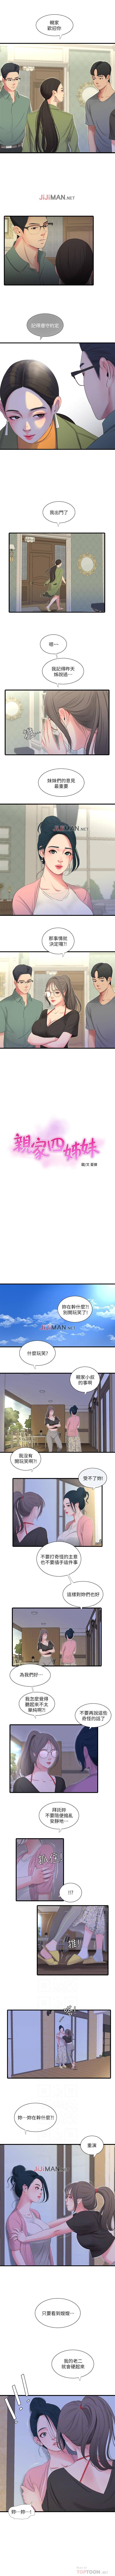 【周四连载】亲家四姐妹(作者:愛摸) 第1~27话 78